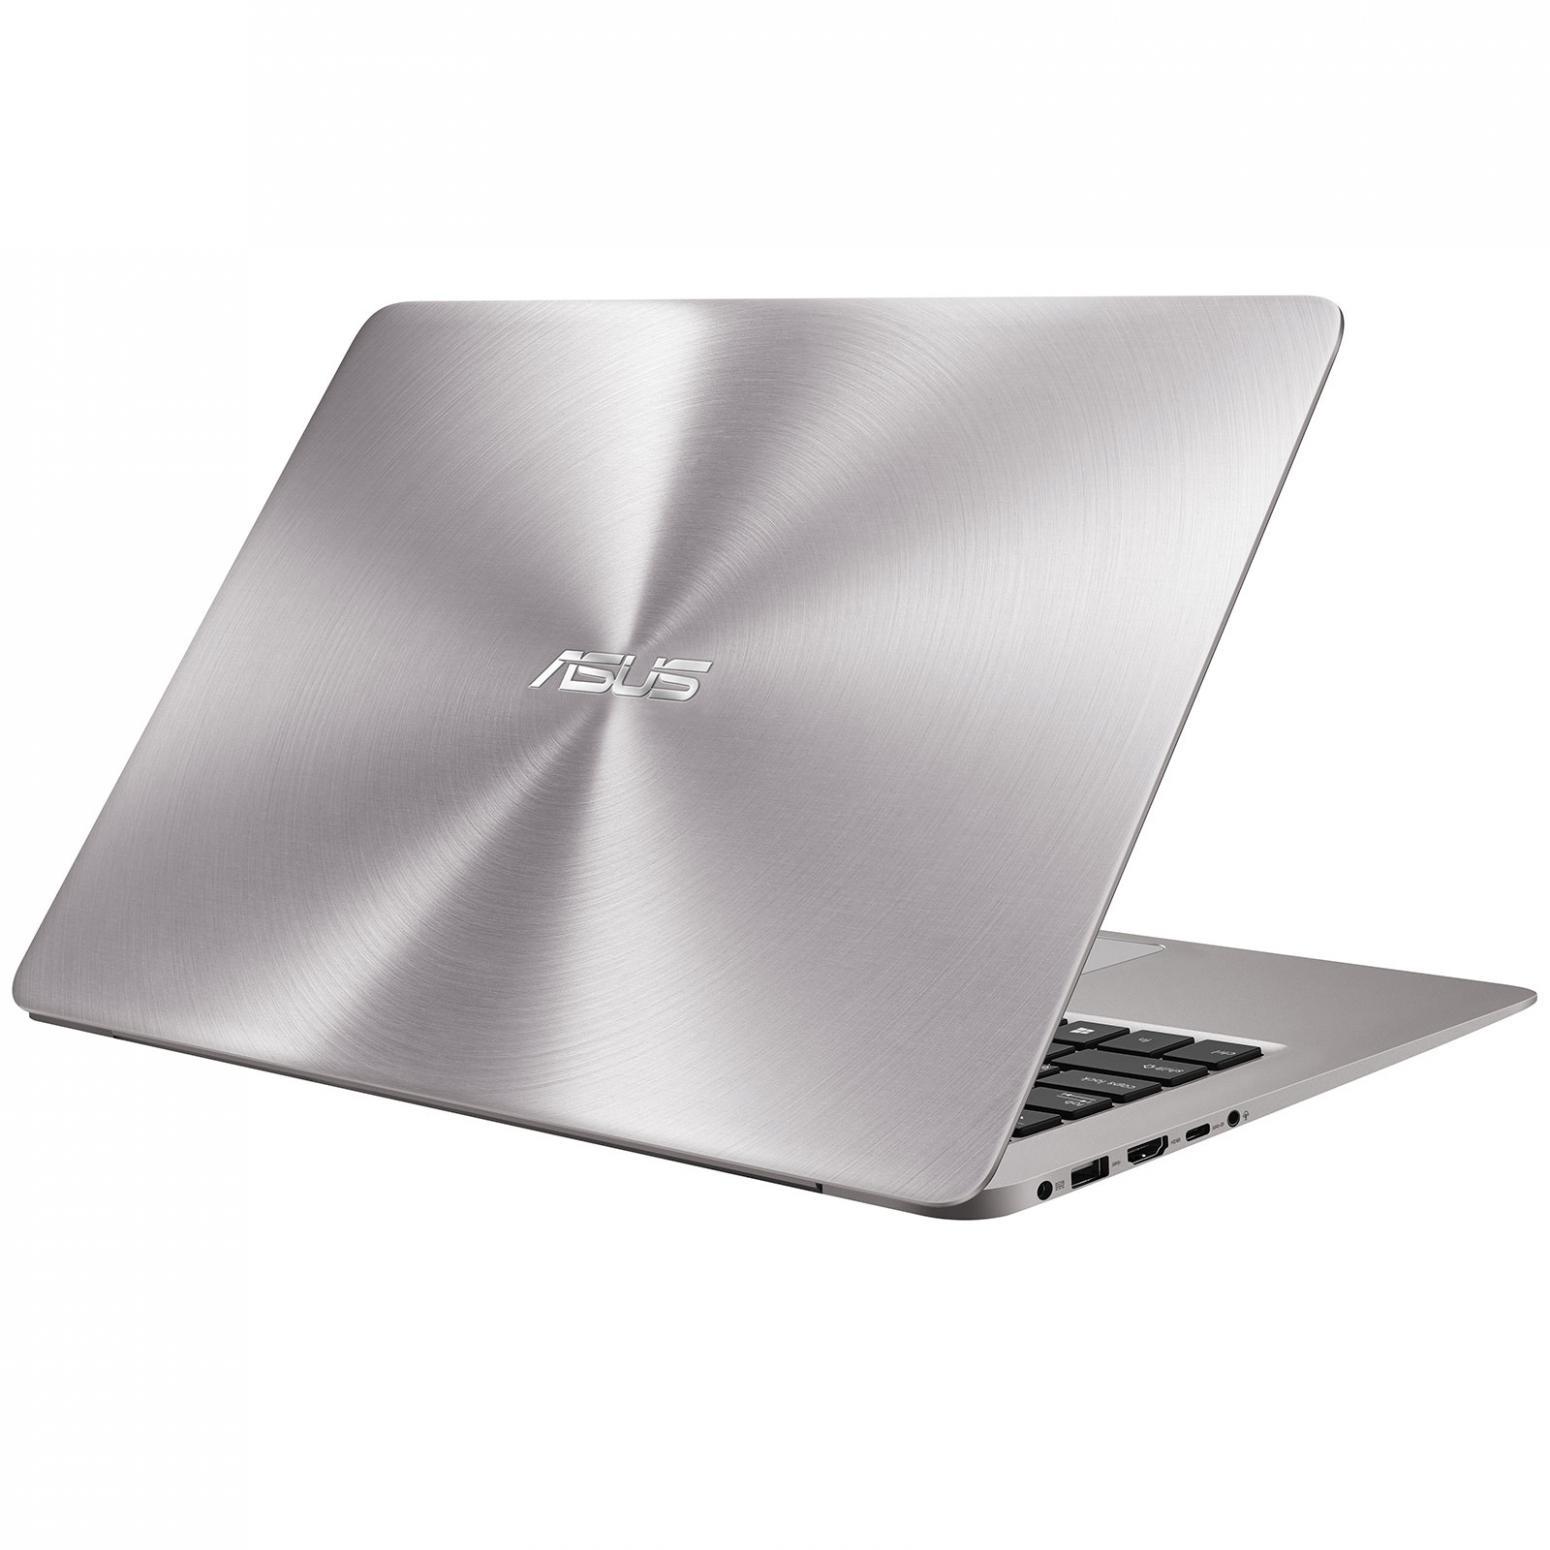 Ordinateur portable Asus Zenbook UX410UA-GV661T Argent - photo 2